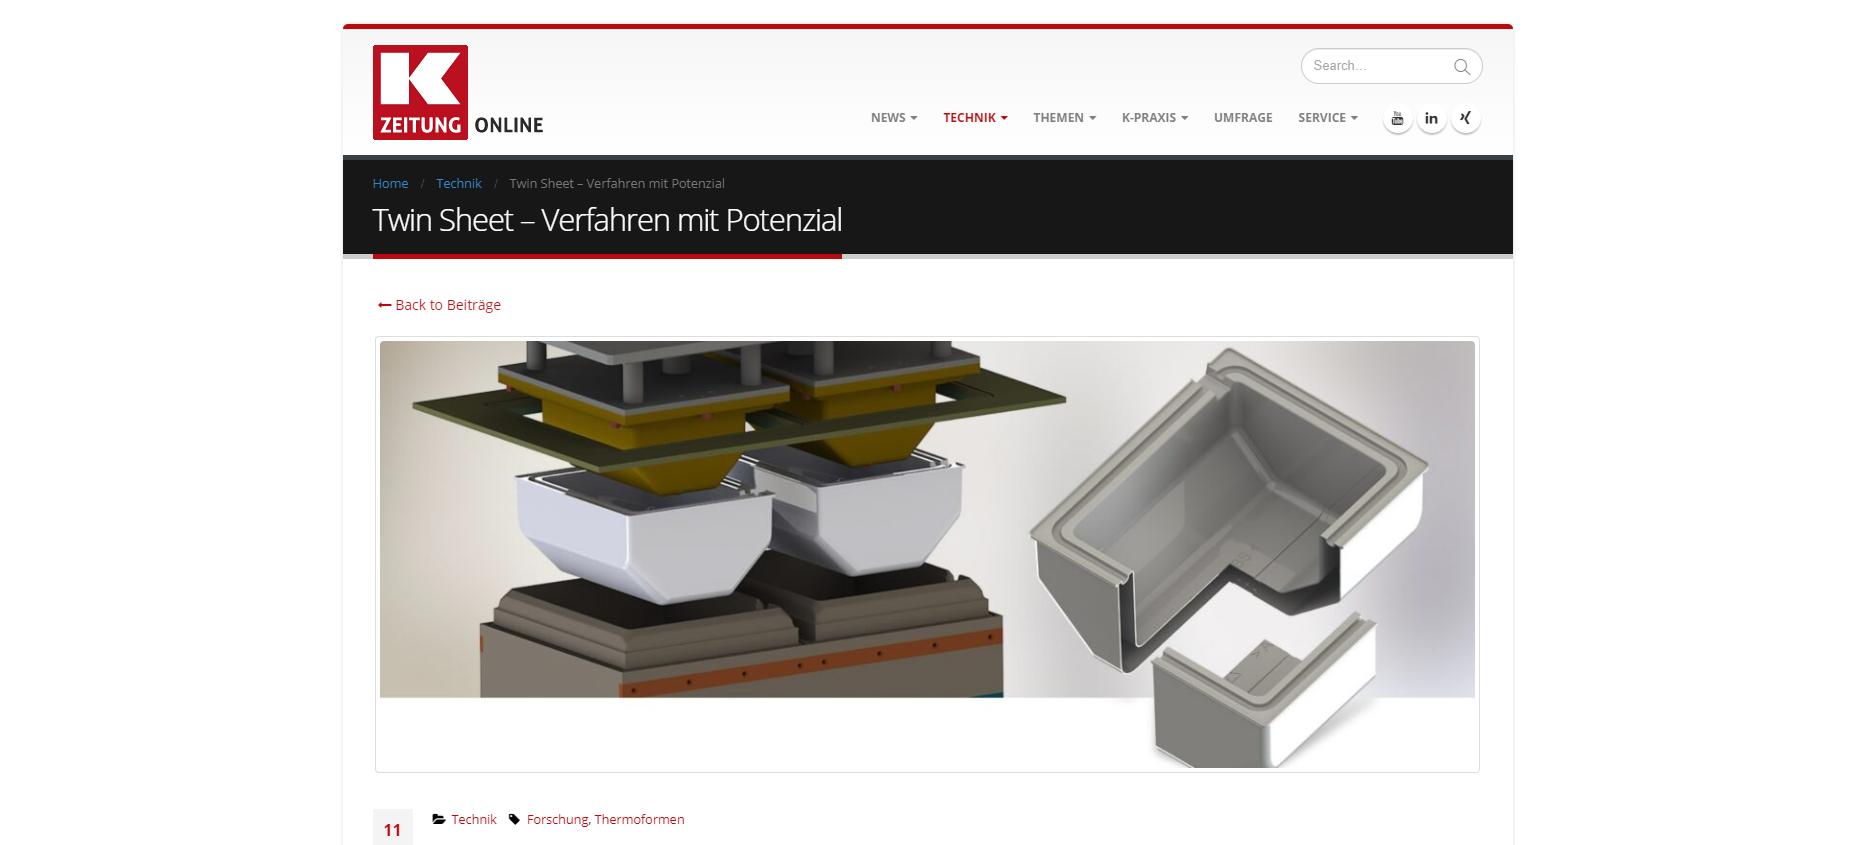 K-Zeitung Thermoformen Vakuumtiefziehen von transparenten Bauteilen